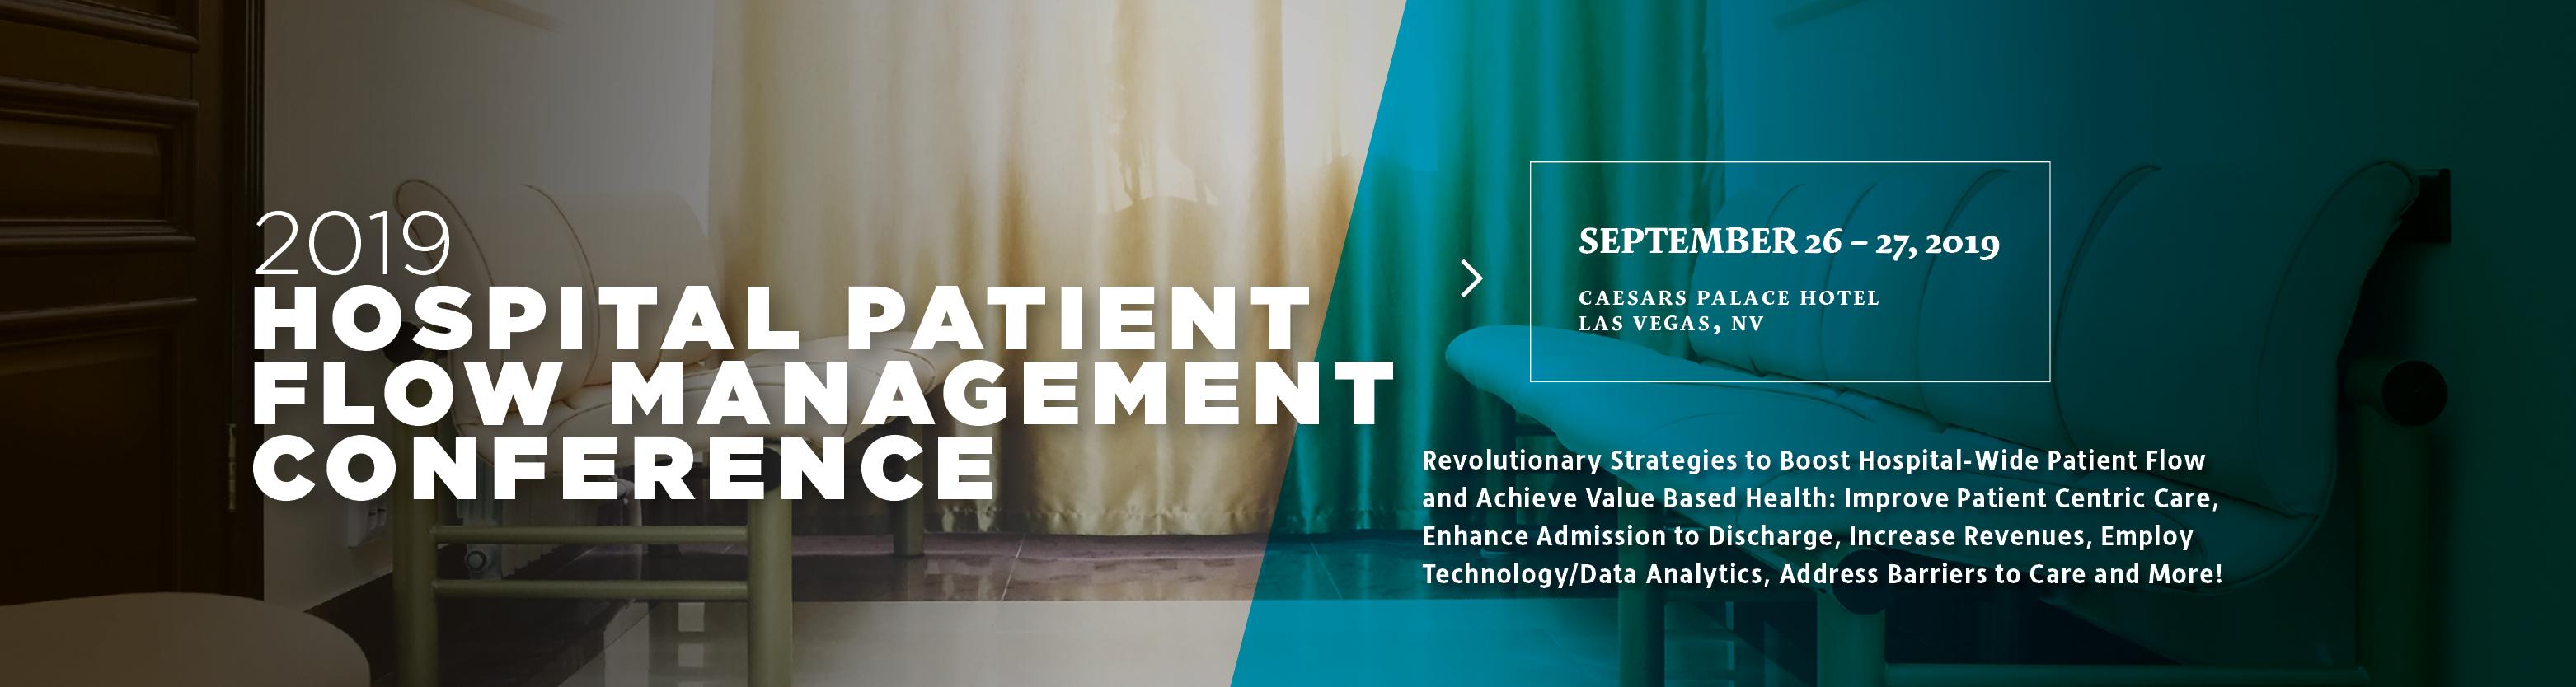 2019 Hospital Patient Flow Management Conference